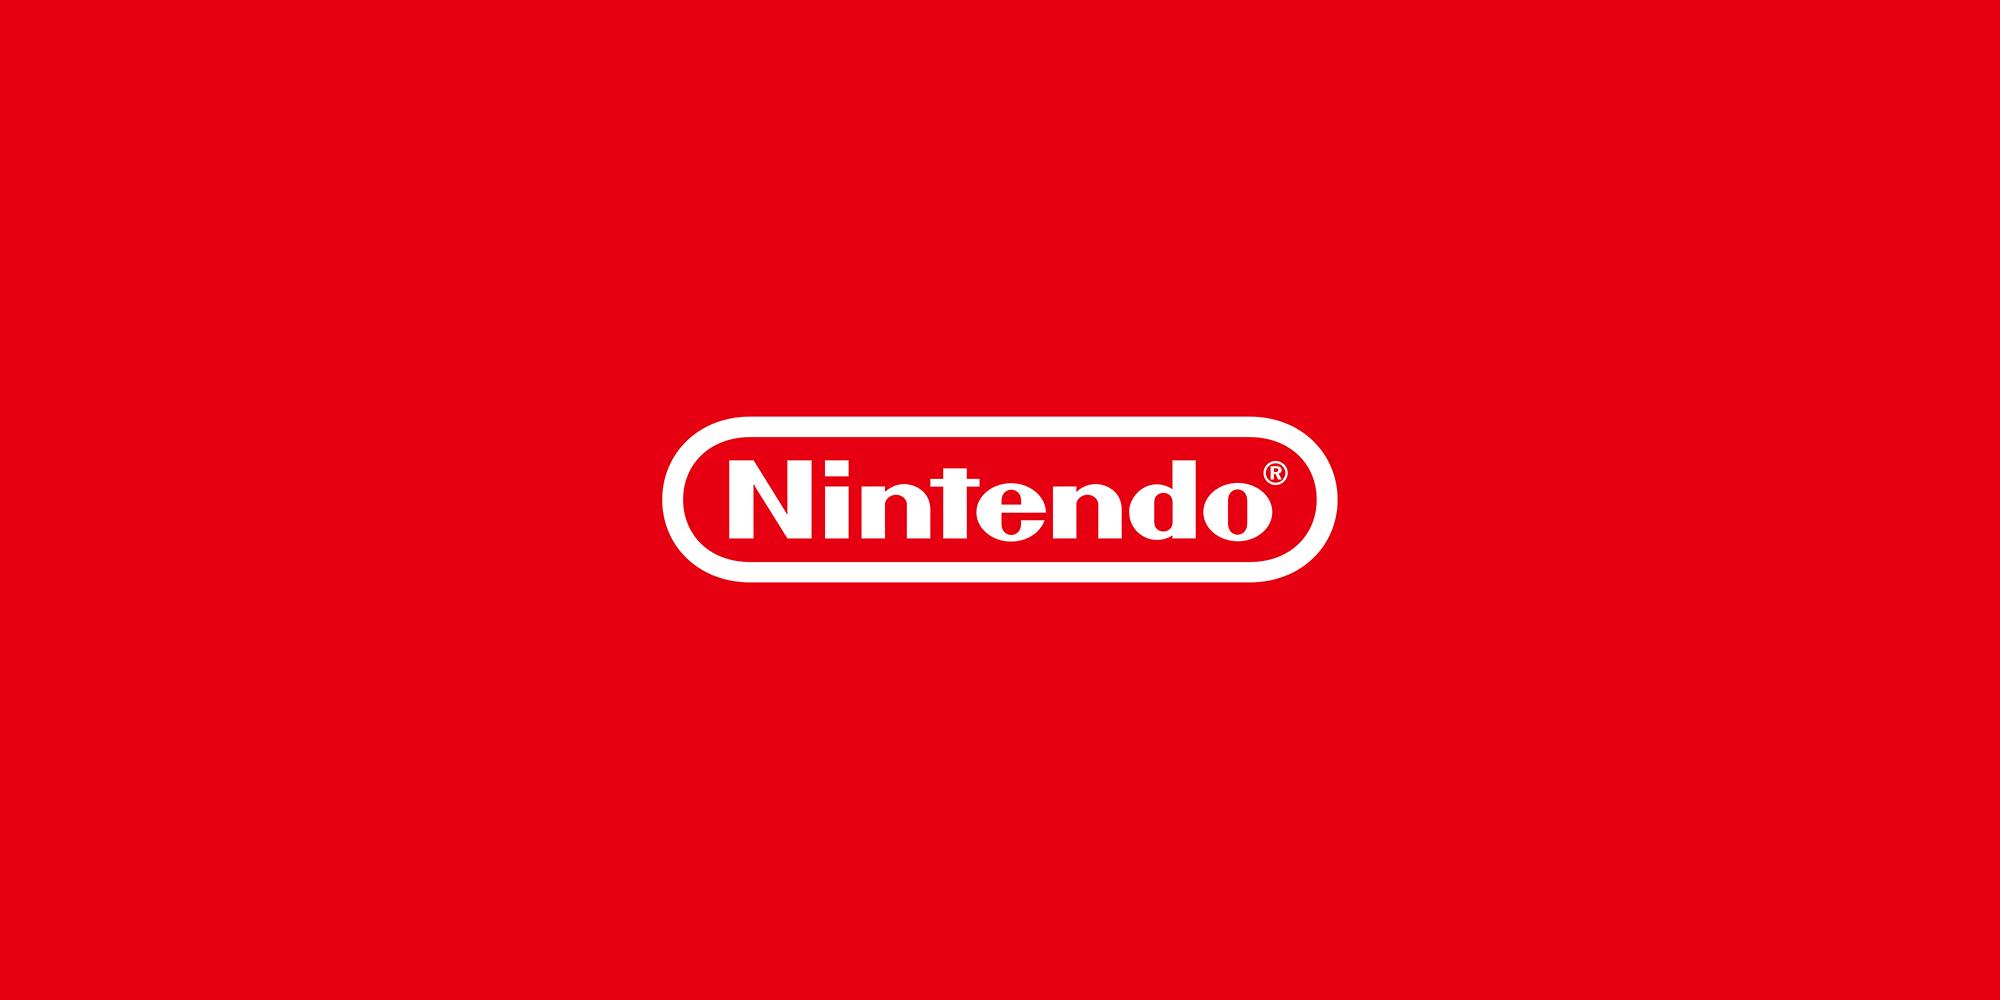 Jeux mobiles : Nintendo prévoit de sortir 2 à 3 titres par an